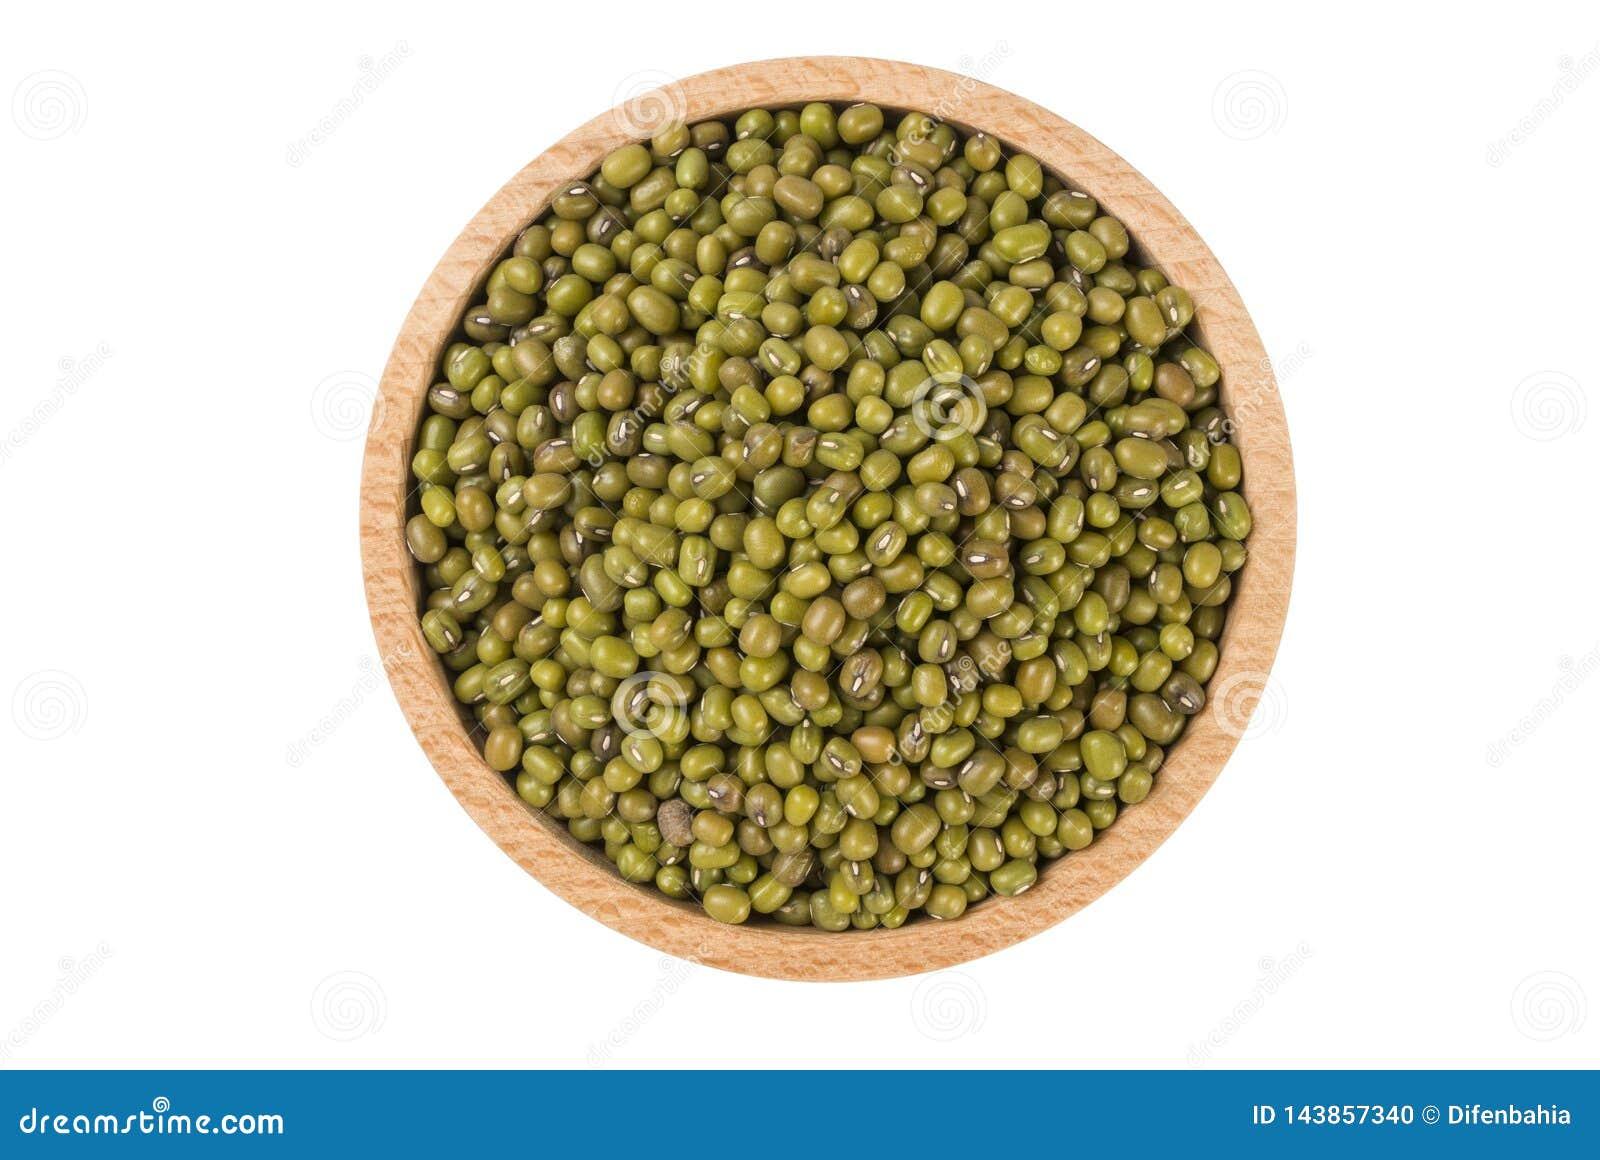 Mung ή Mungo φασόλι στο ξύλινο κύπελλο που απομονώνεται στο άσπρο υπόβαθρο διατροφή Συστατικό τροφίμων